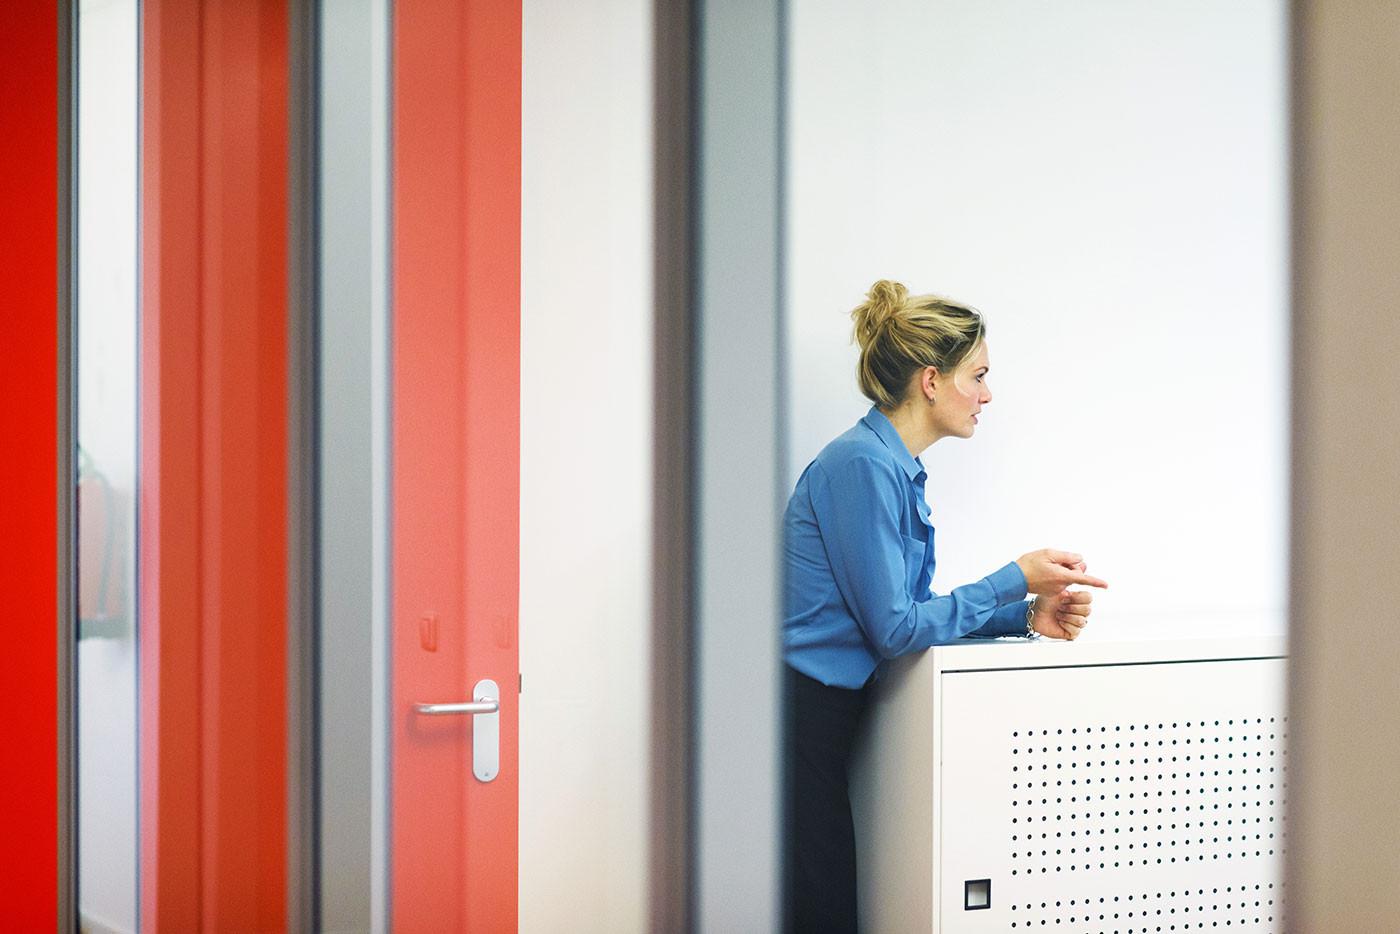 Veranderingen in de Zorg raakt inrichting software en automatisering